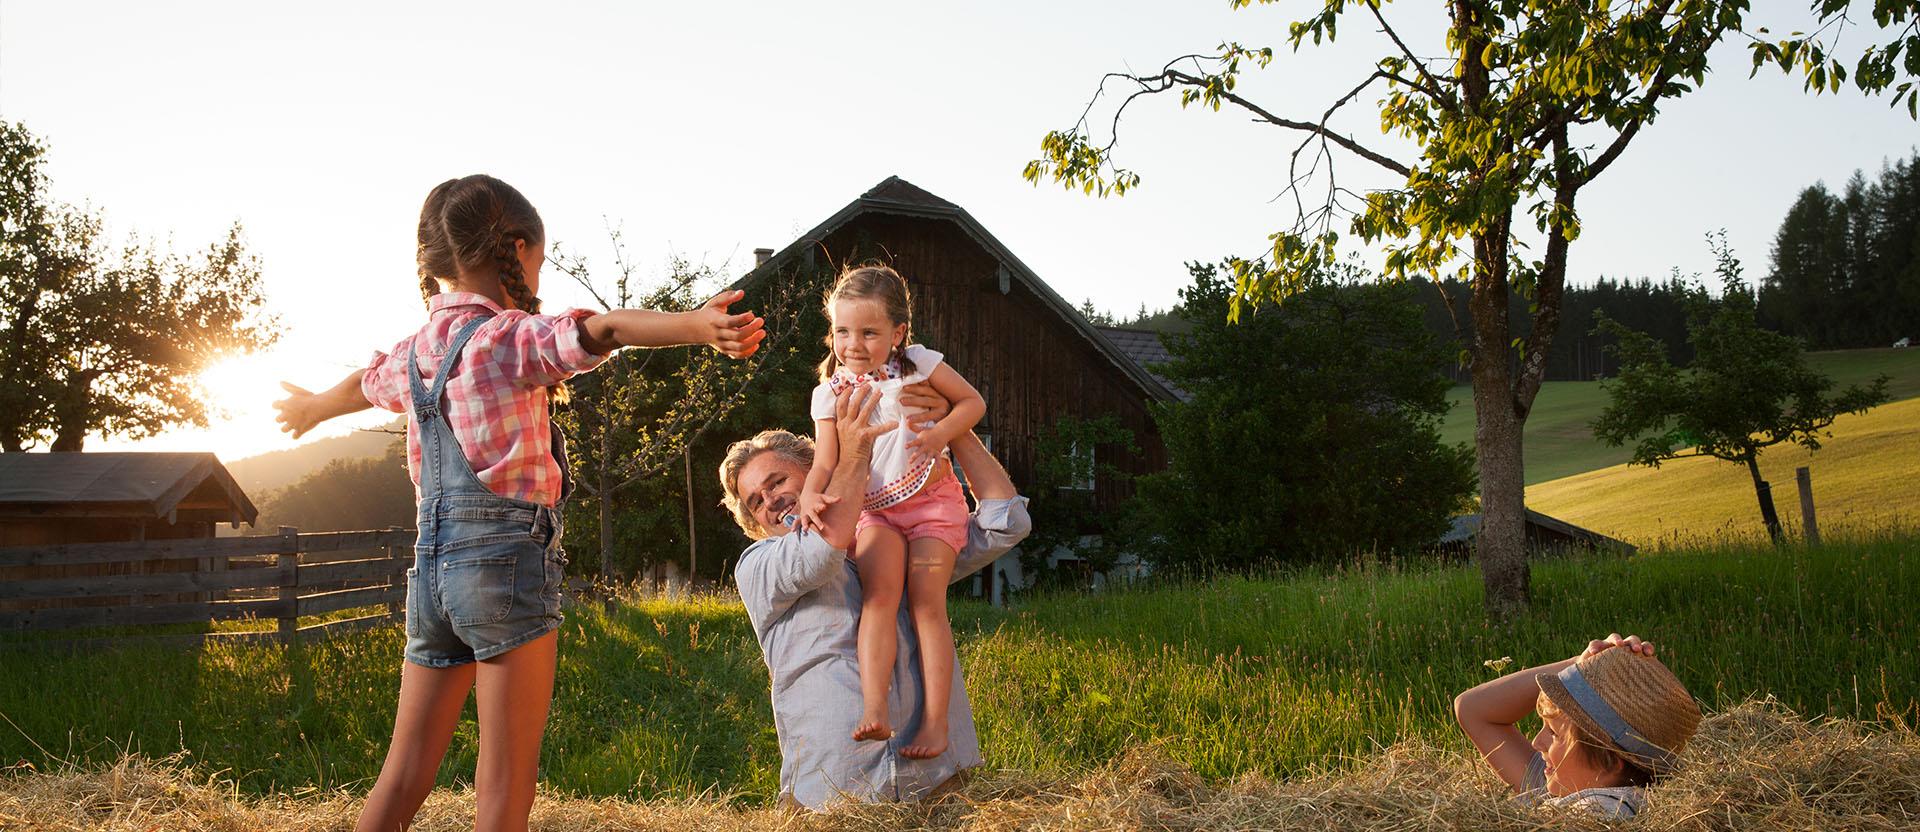 Urlaub auf dem Bauernhof in Wagrain, Salzburger Land – Blankgut